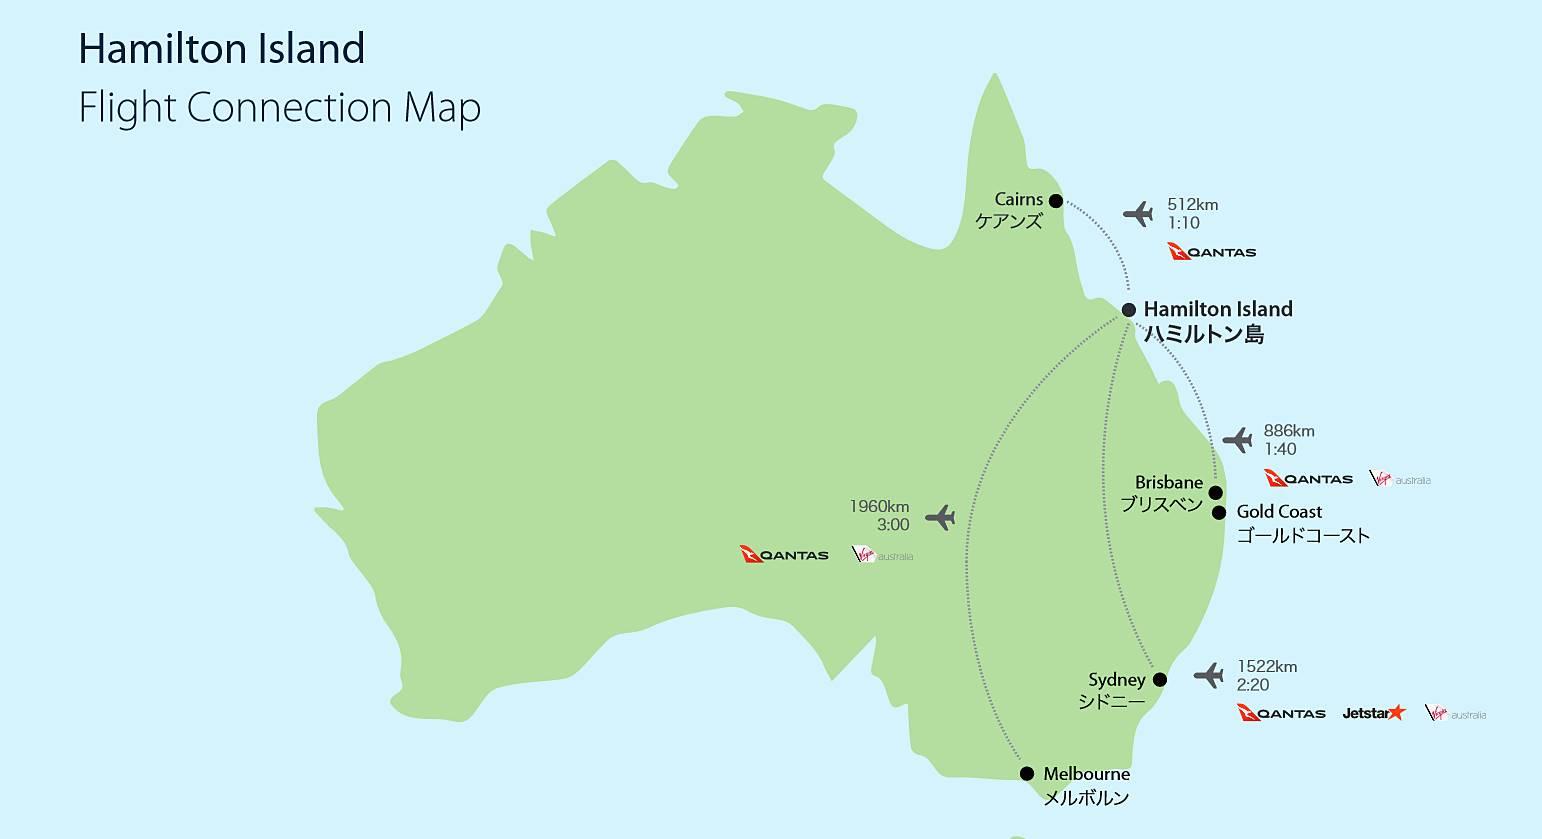 聖靈群島-漢密爾頓島-飛機-航線-國內線-景點-推薦-交通-遊記-自由行-行程-住宿-旅遊-度假-一日遊-澳洲-Hamilton-Island-Whitsundays